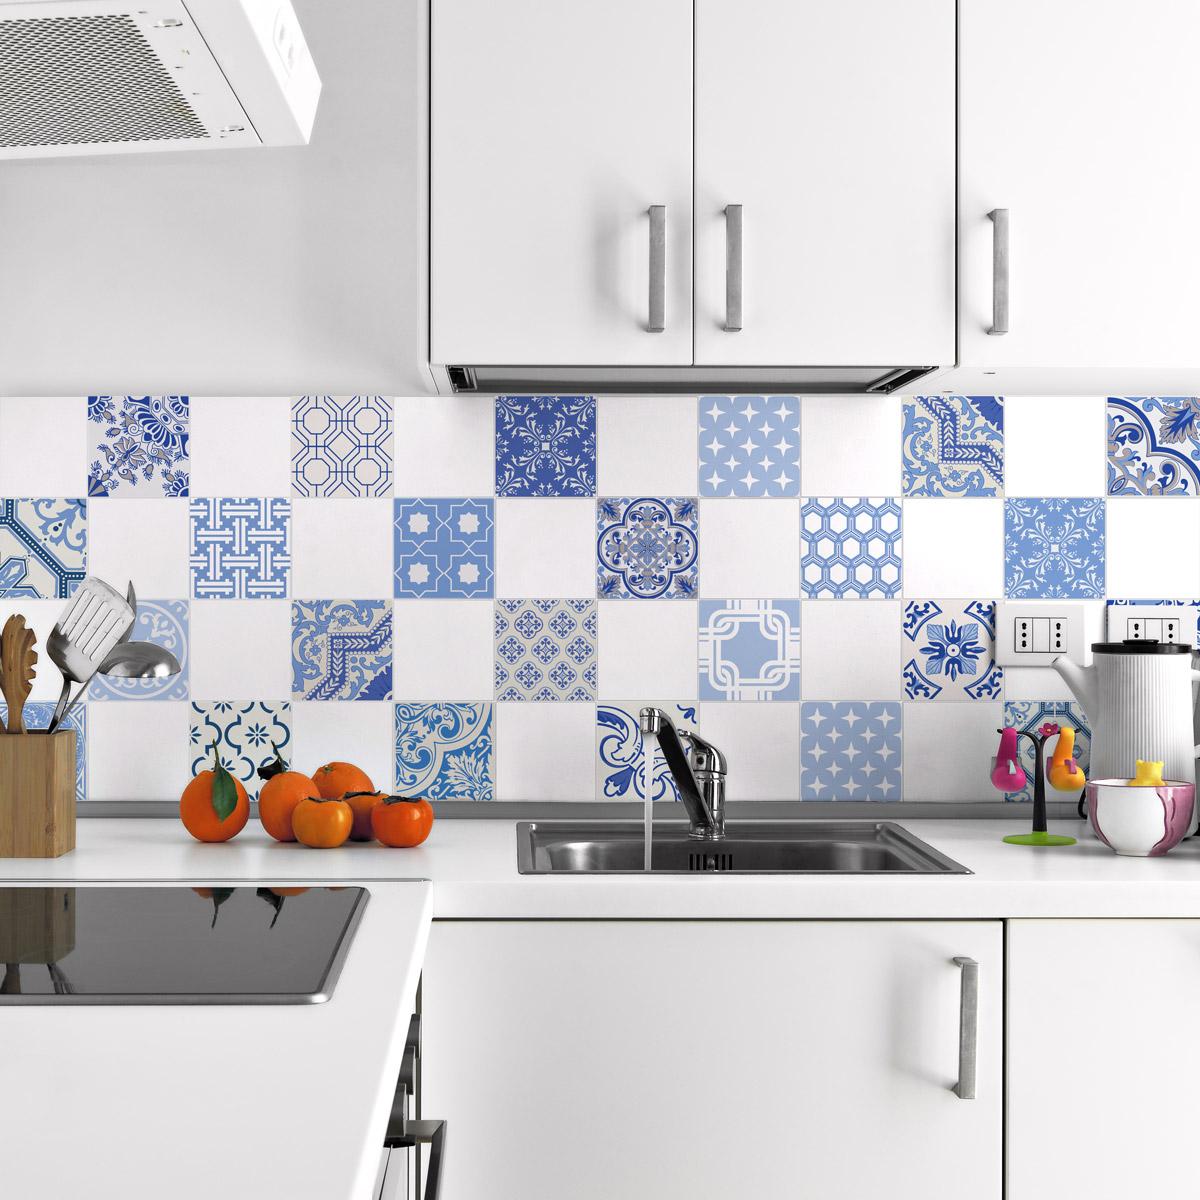 24 stickers carrelages ornements v nitien art et design. Black Bedroom Furniture Sets. Home Design Ideas